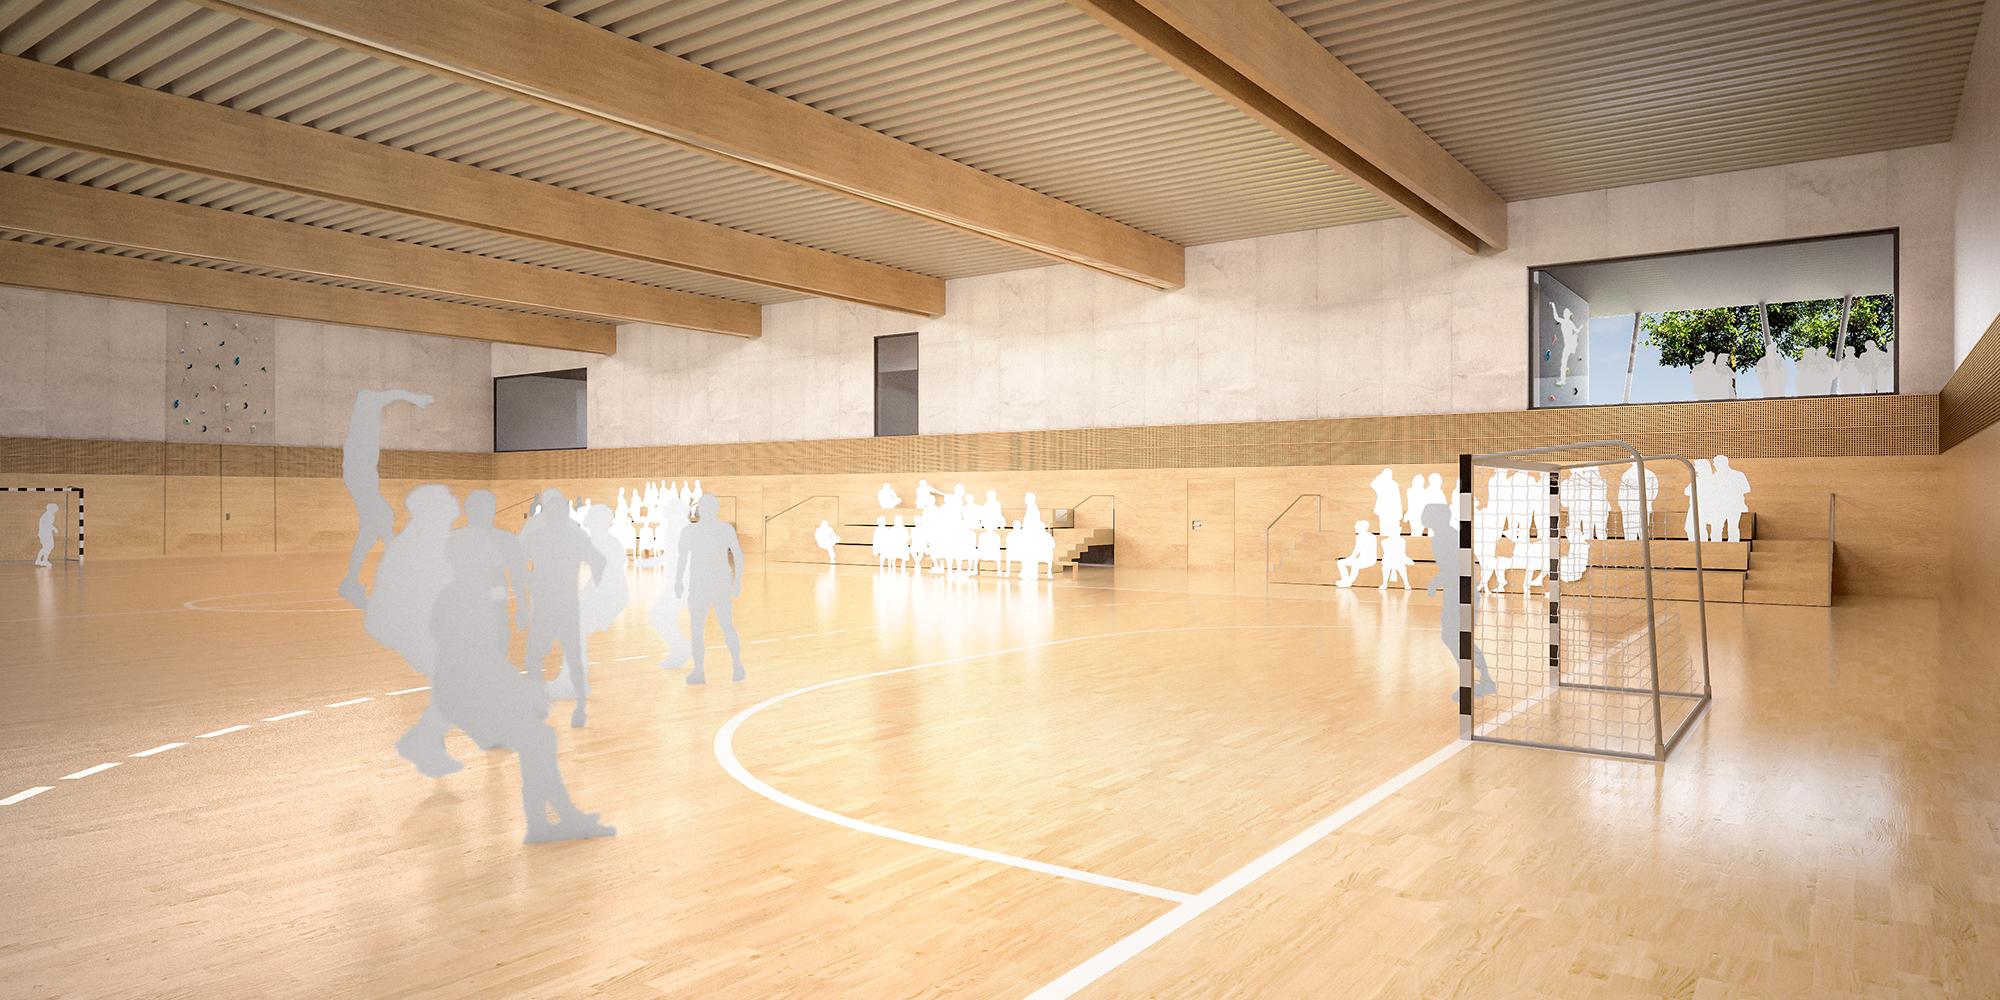 Wettbewerb Neubau Dreifachsporthalle | Giebelstadt